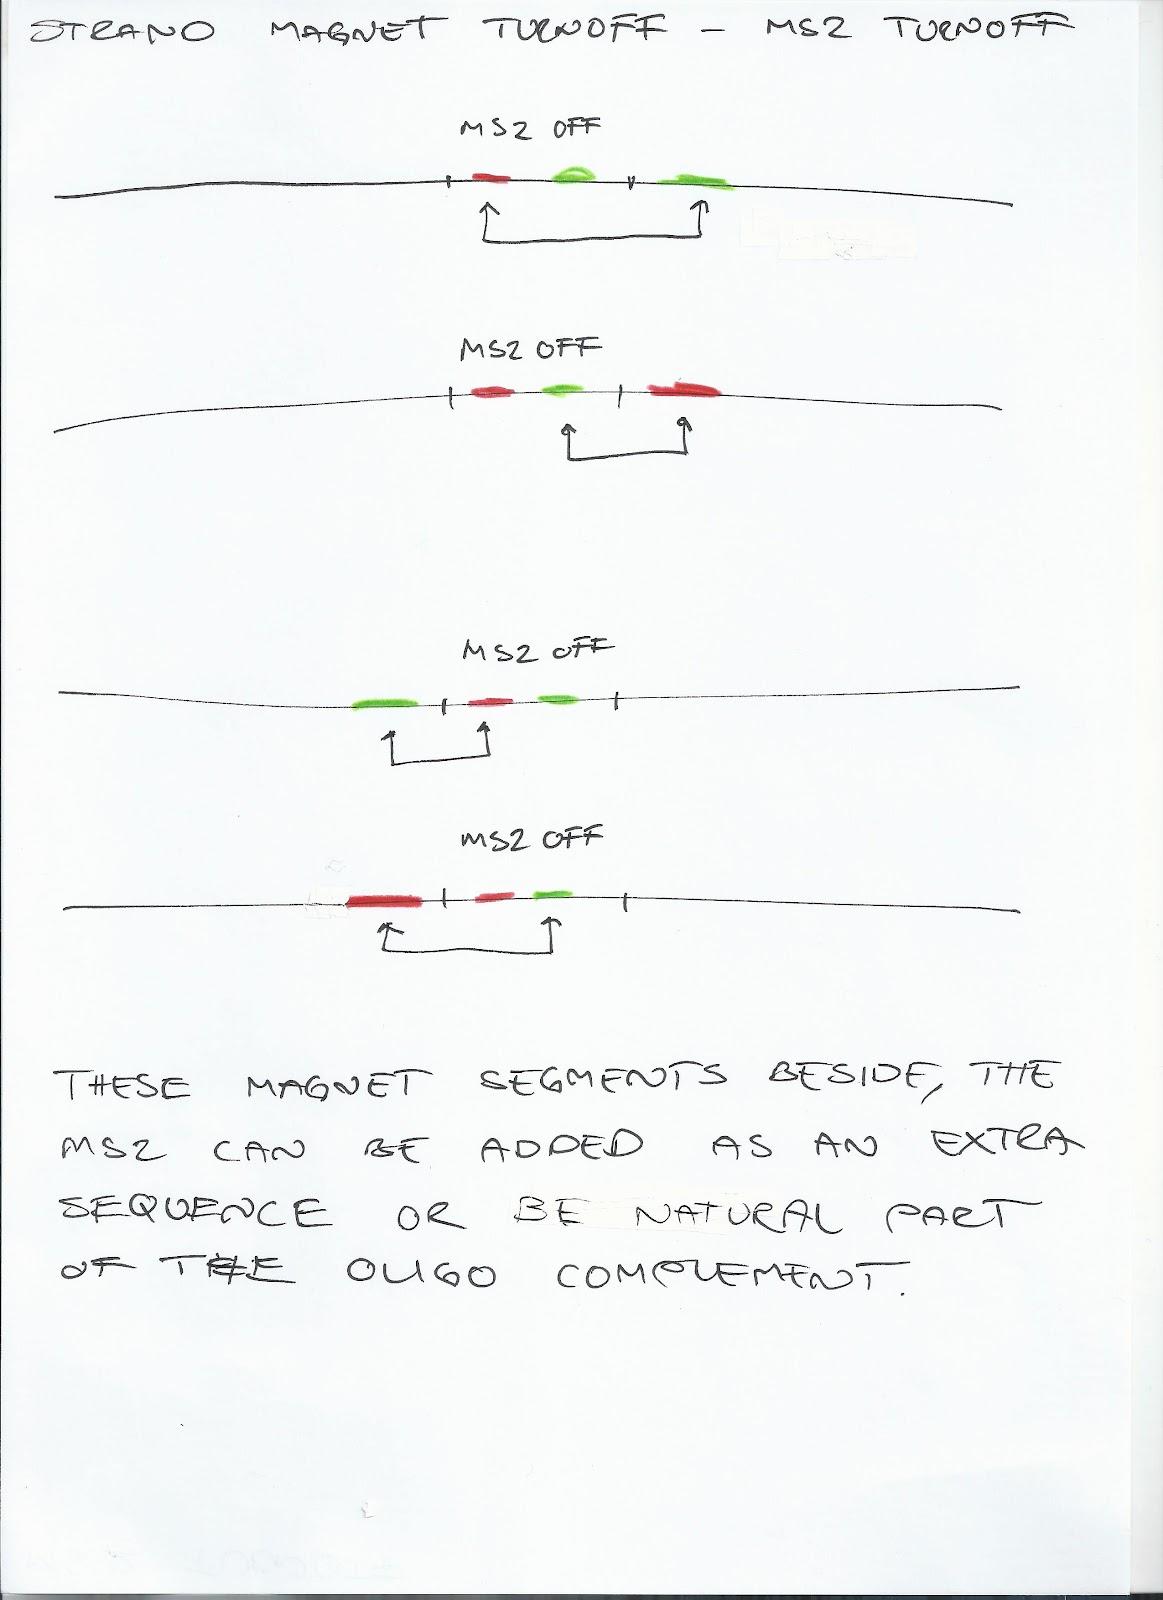 Short range turnoffjpg